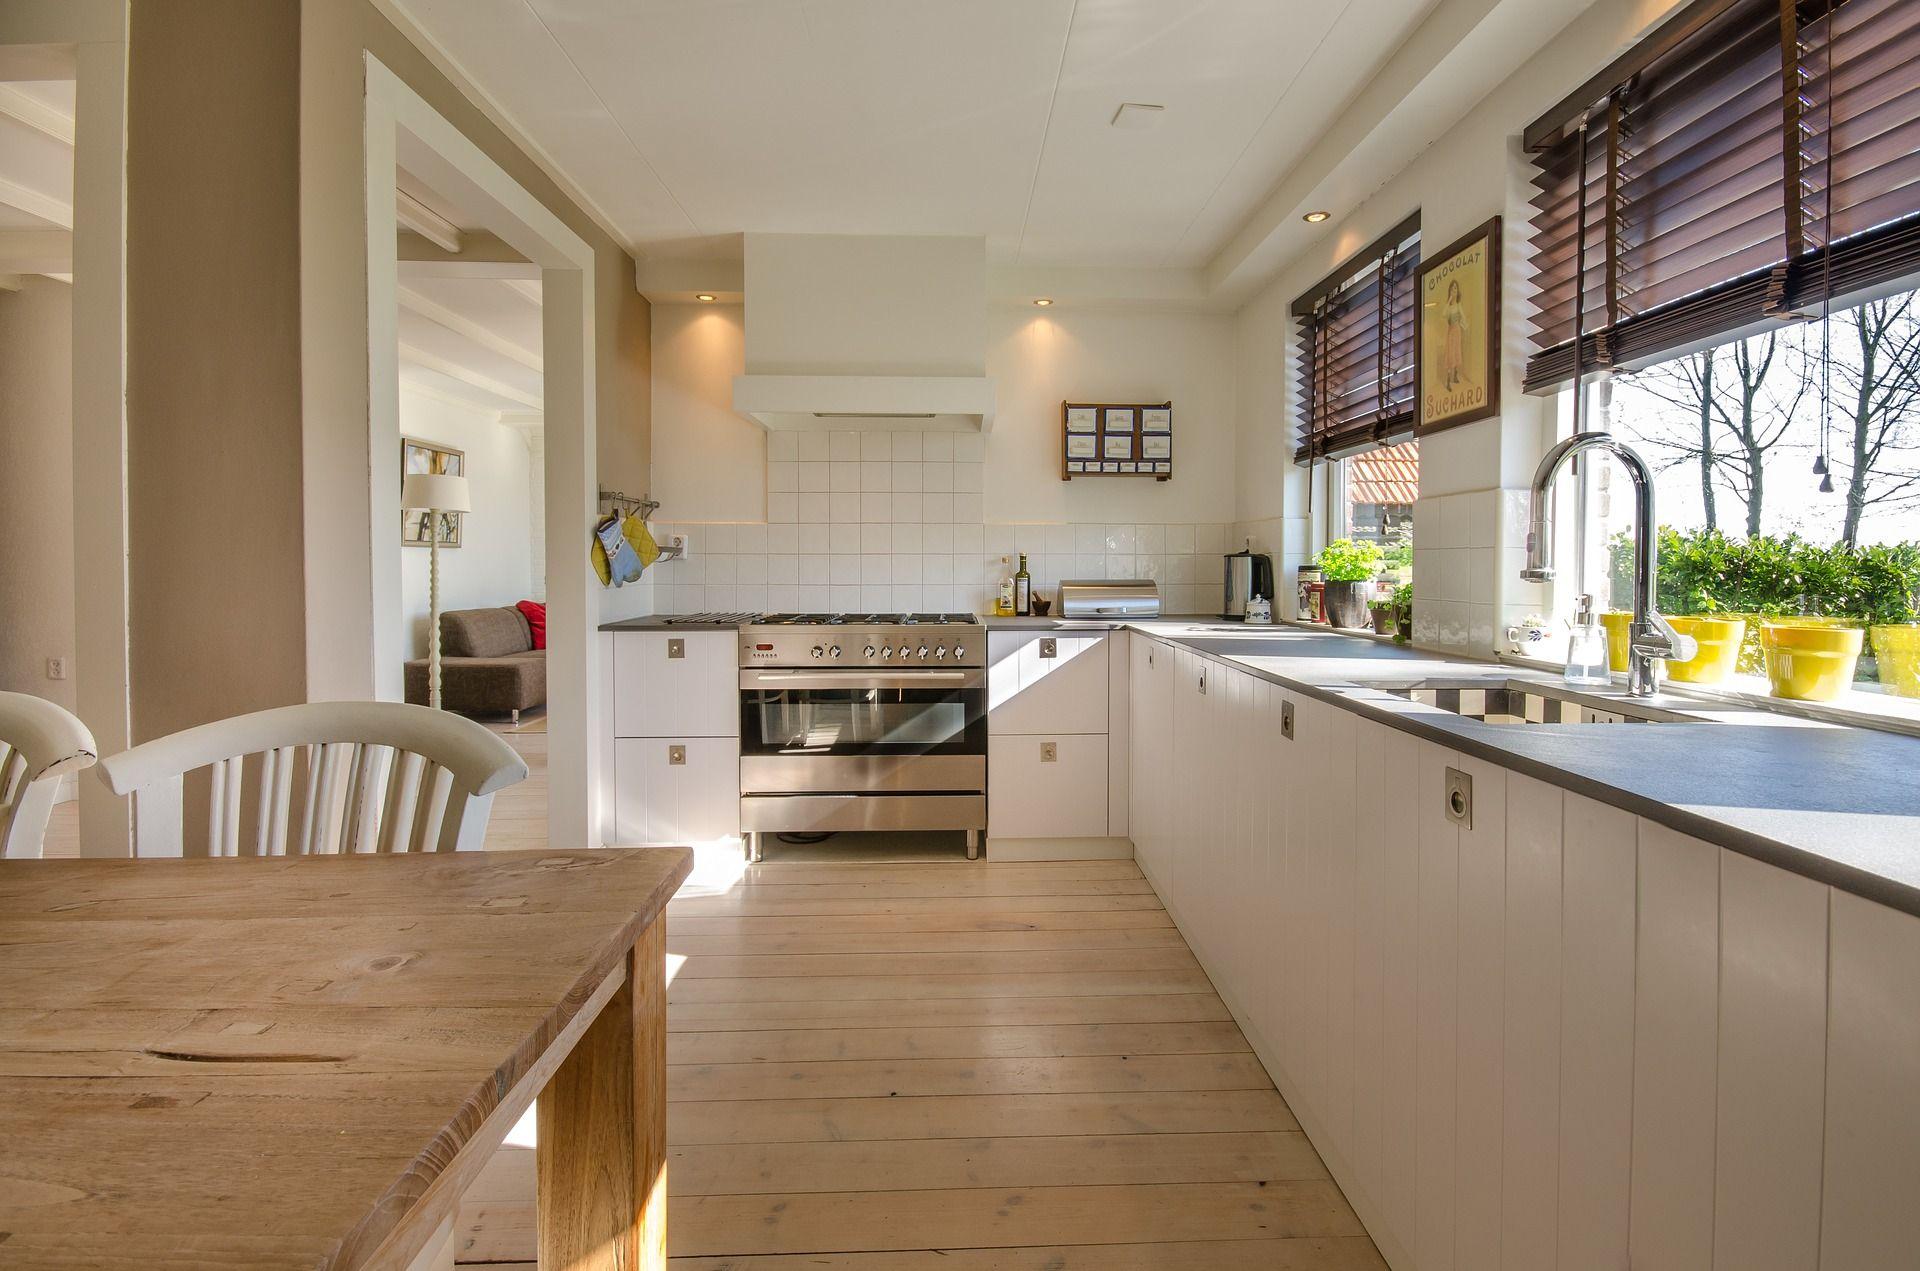 Foto 4 de Muebles de baño y cocina en Santa Cruz de Tenerife | AG Interiores